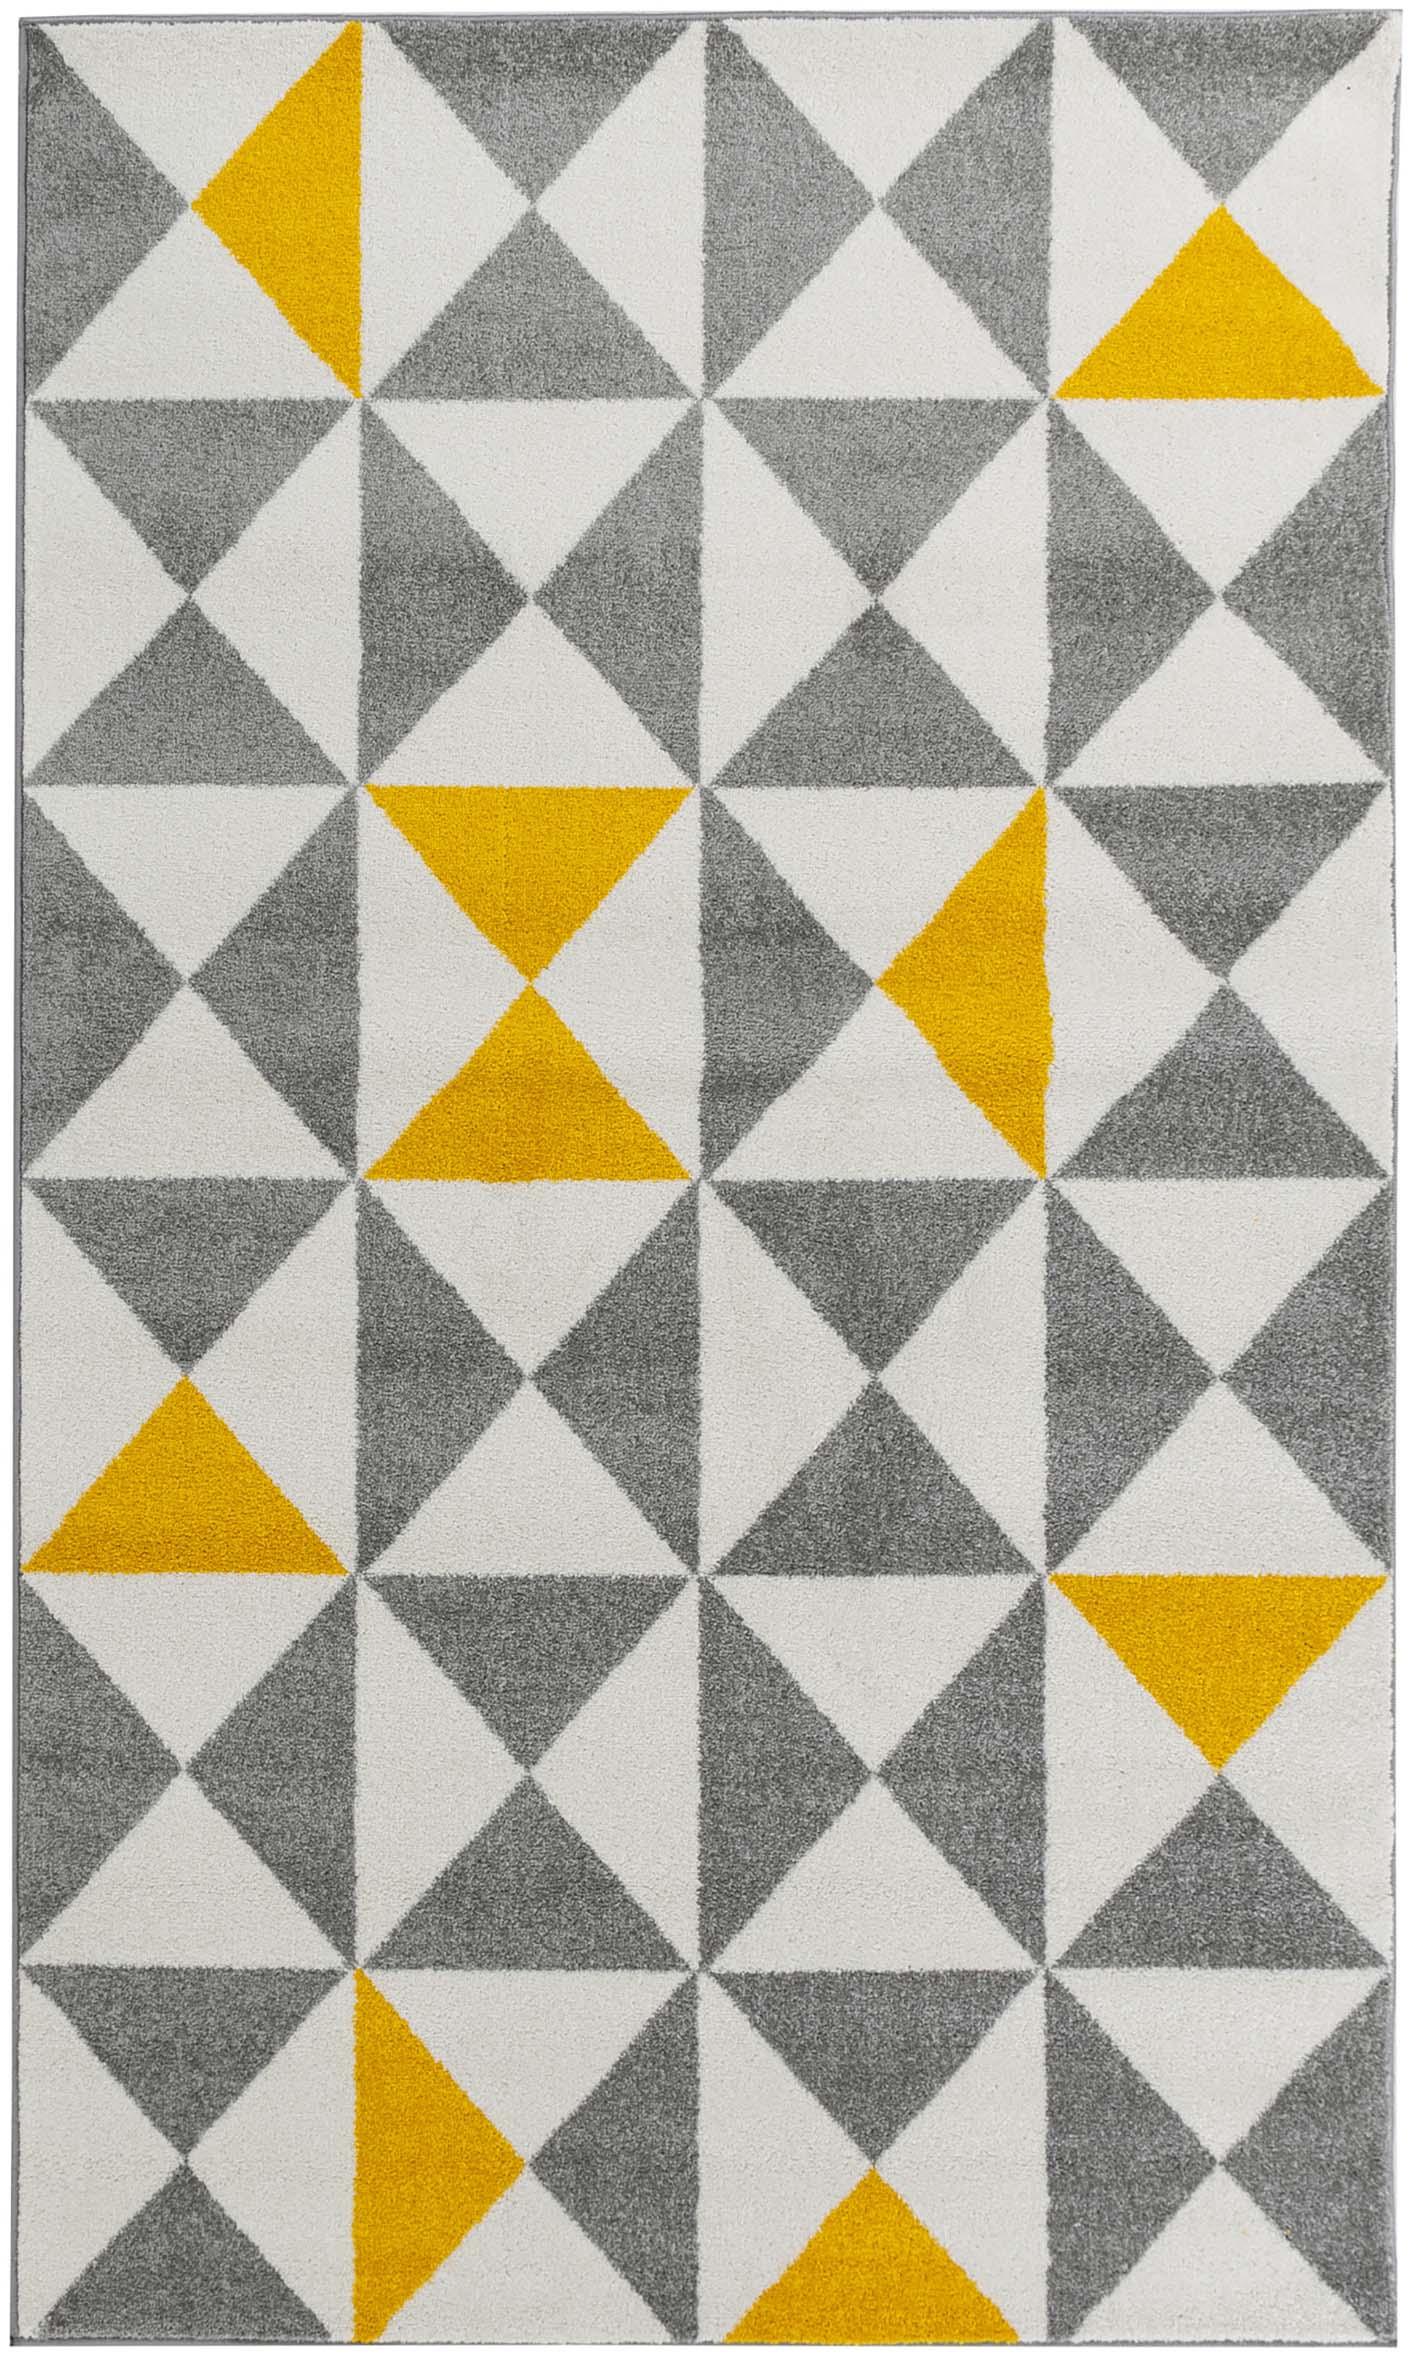 FORSA - Tapis géométrique jaune 60x110cm